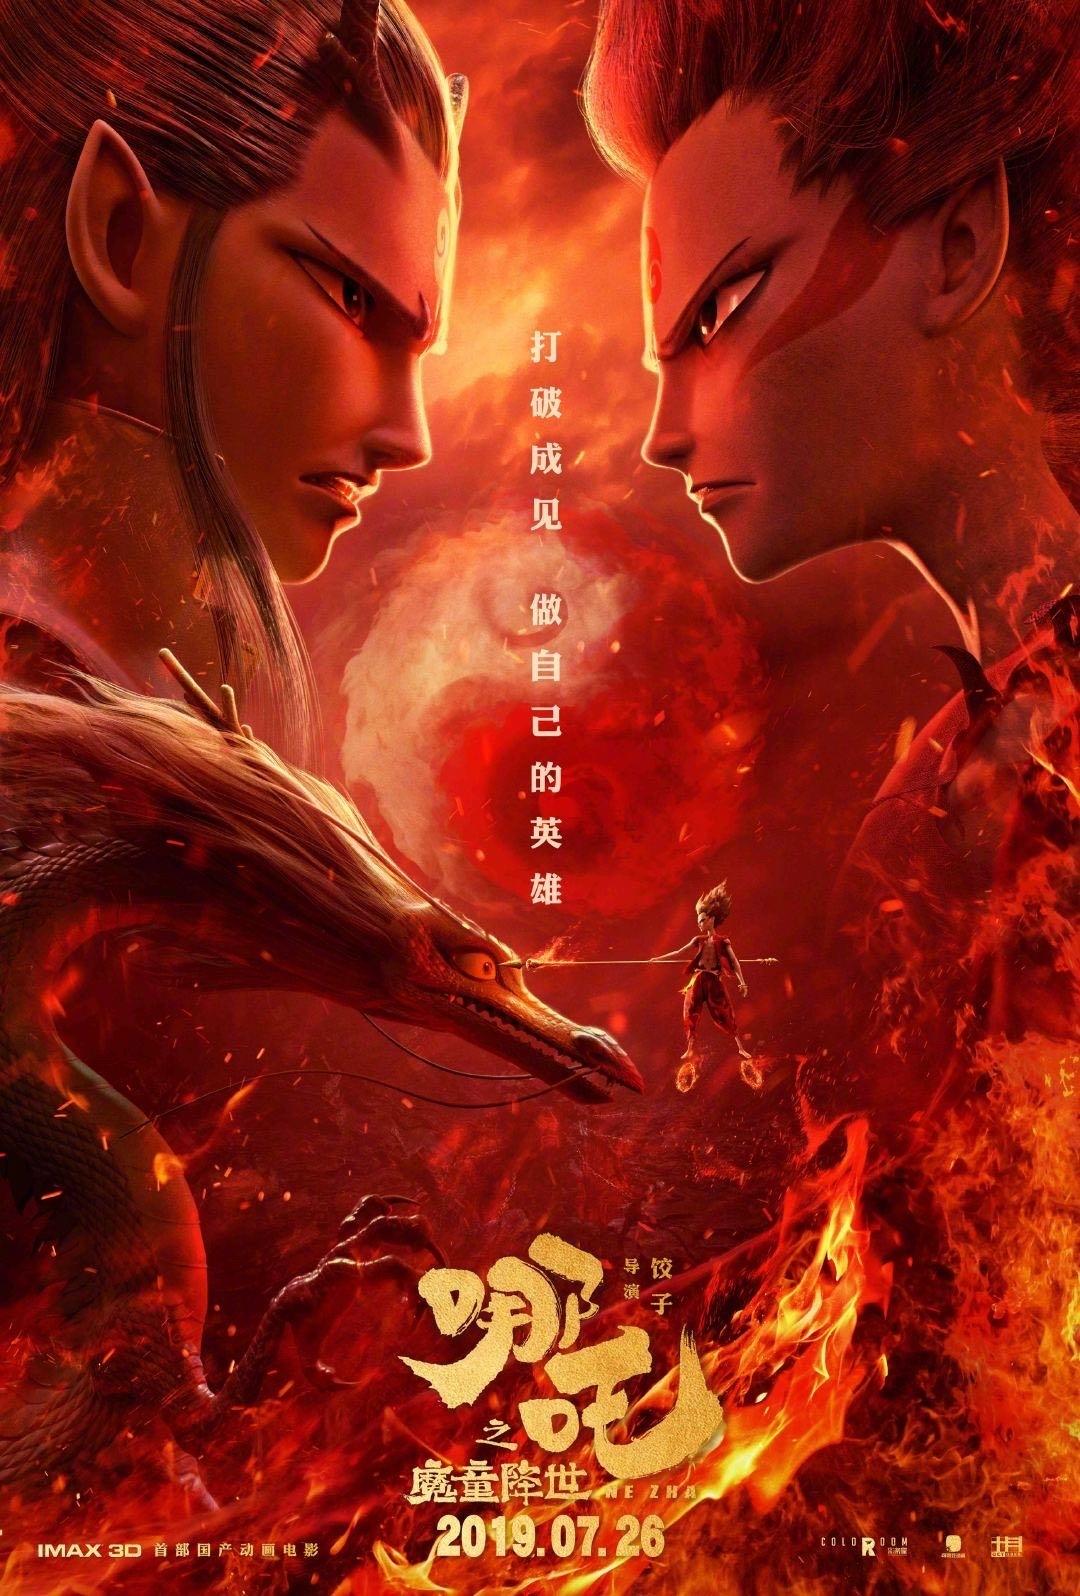 《姜子牙》票房超1.45亿,刷新中国动画电影首日票房纪录